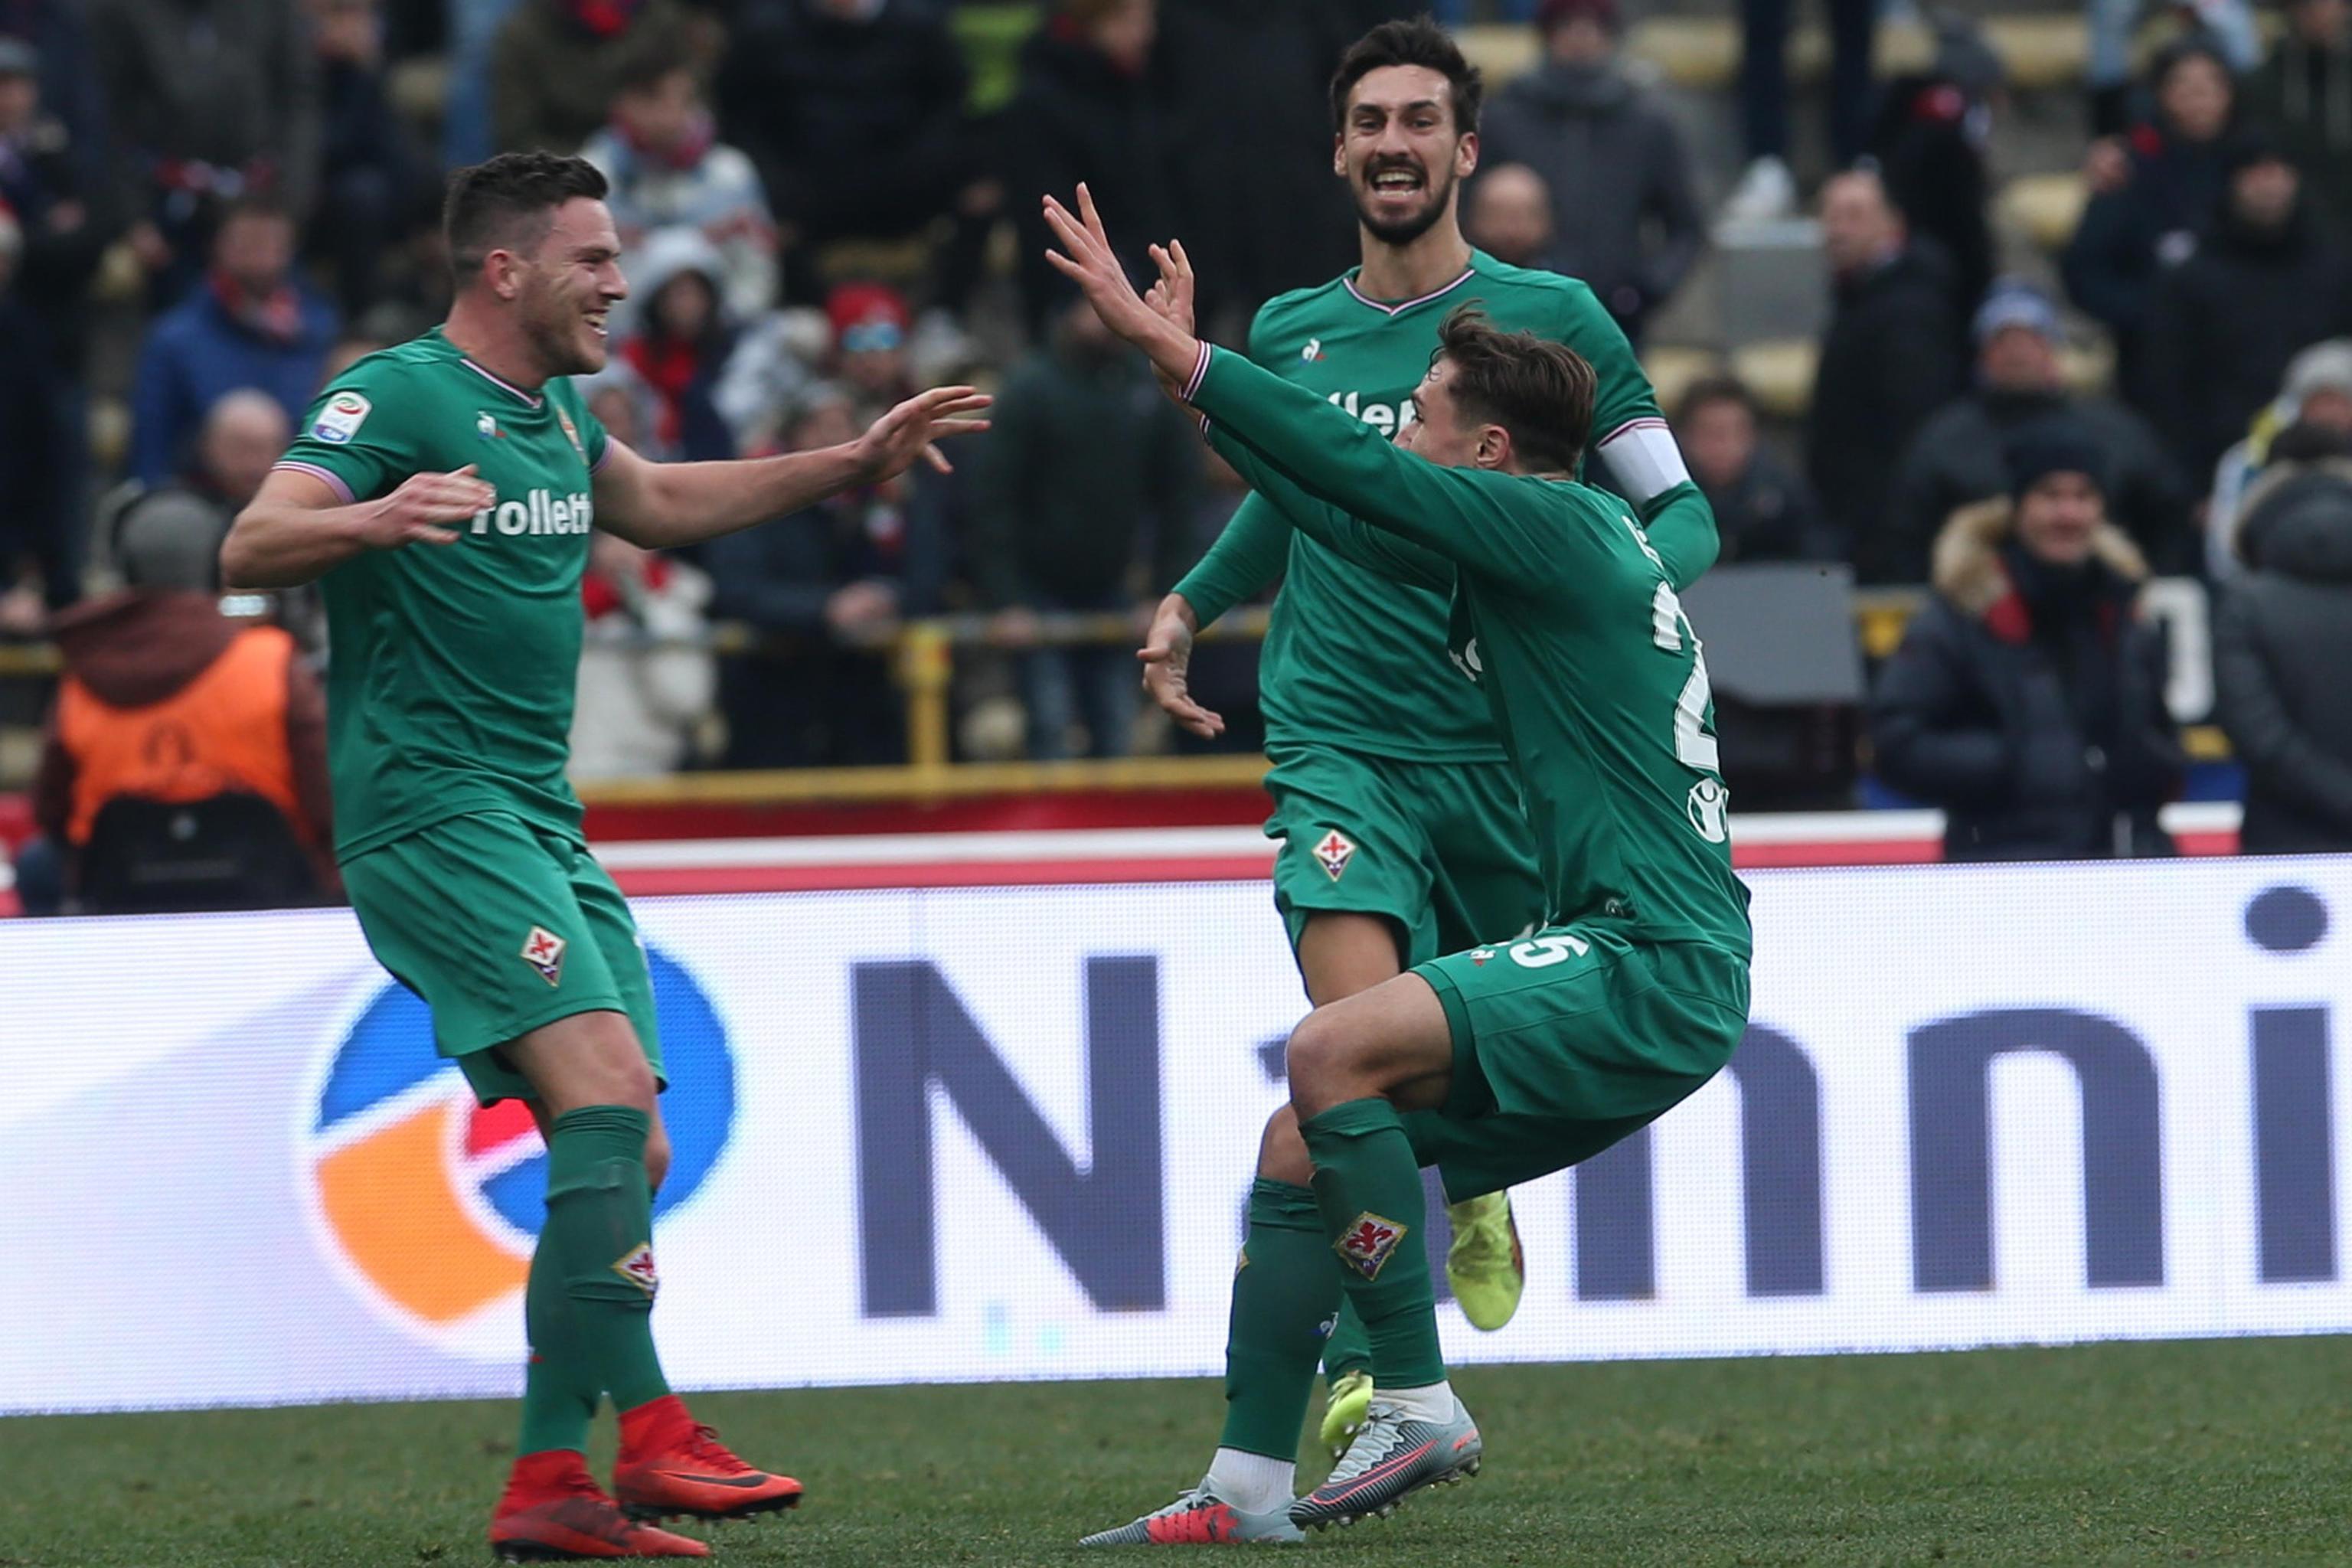 Colpo in trasferta per la Fiorentina, che passa 2-1 al Dall'Ara e torna al successo dopo due sconfitte consecutive. La squadra di Pioli sblocca la gara grazie all'autogol di Mirante sugli sviluppi di un calcio d'angolo di Veretout (41'). Il momentaneo pareggio, soltanto tre minuti più tardi, arriva nuovamente direttamente da un corner e stavolta porta la firma di Pulgar (44'). Nella ripresa il decisivo gol di Chiesa al 71'.<br /><br />